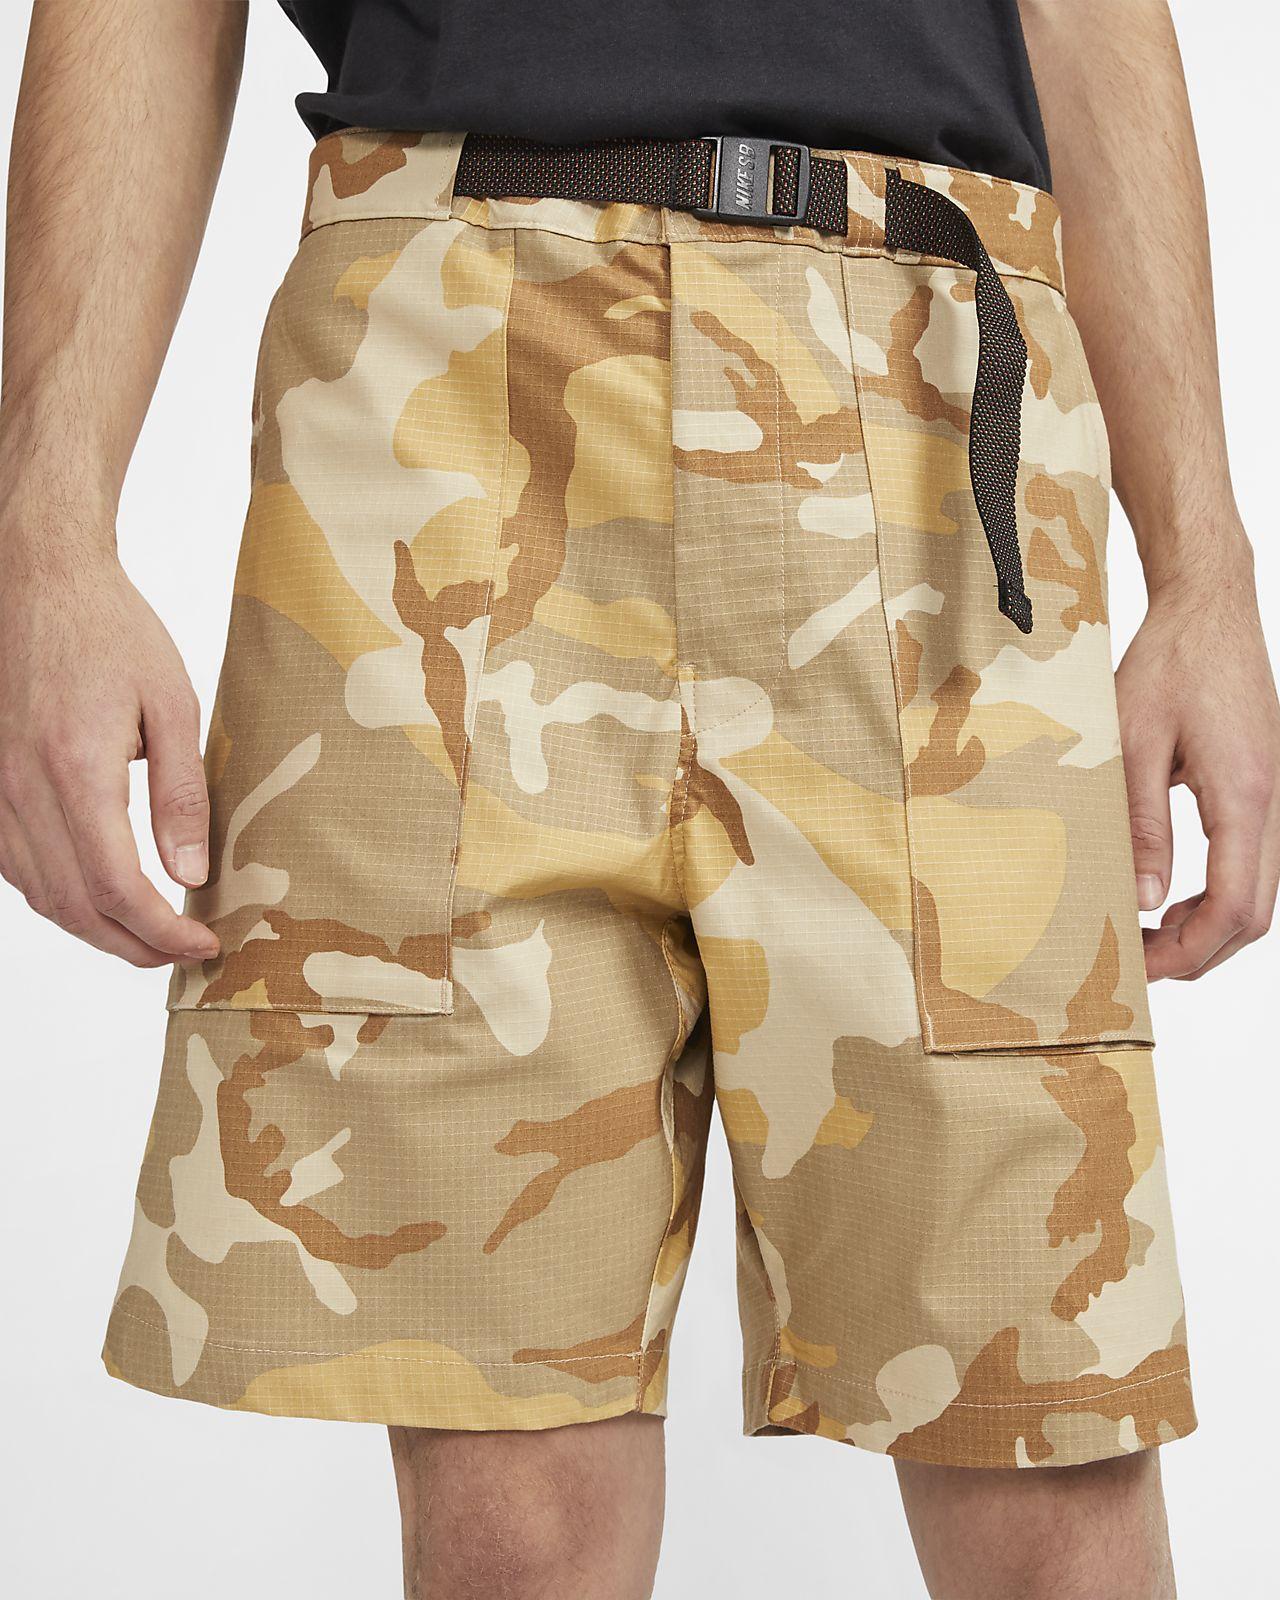 nike shorts camouflage